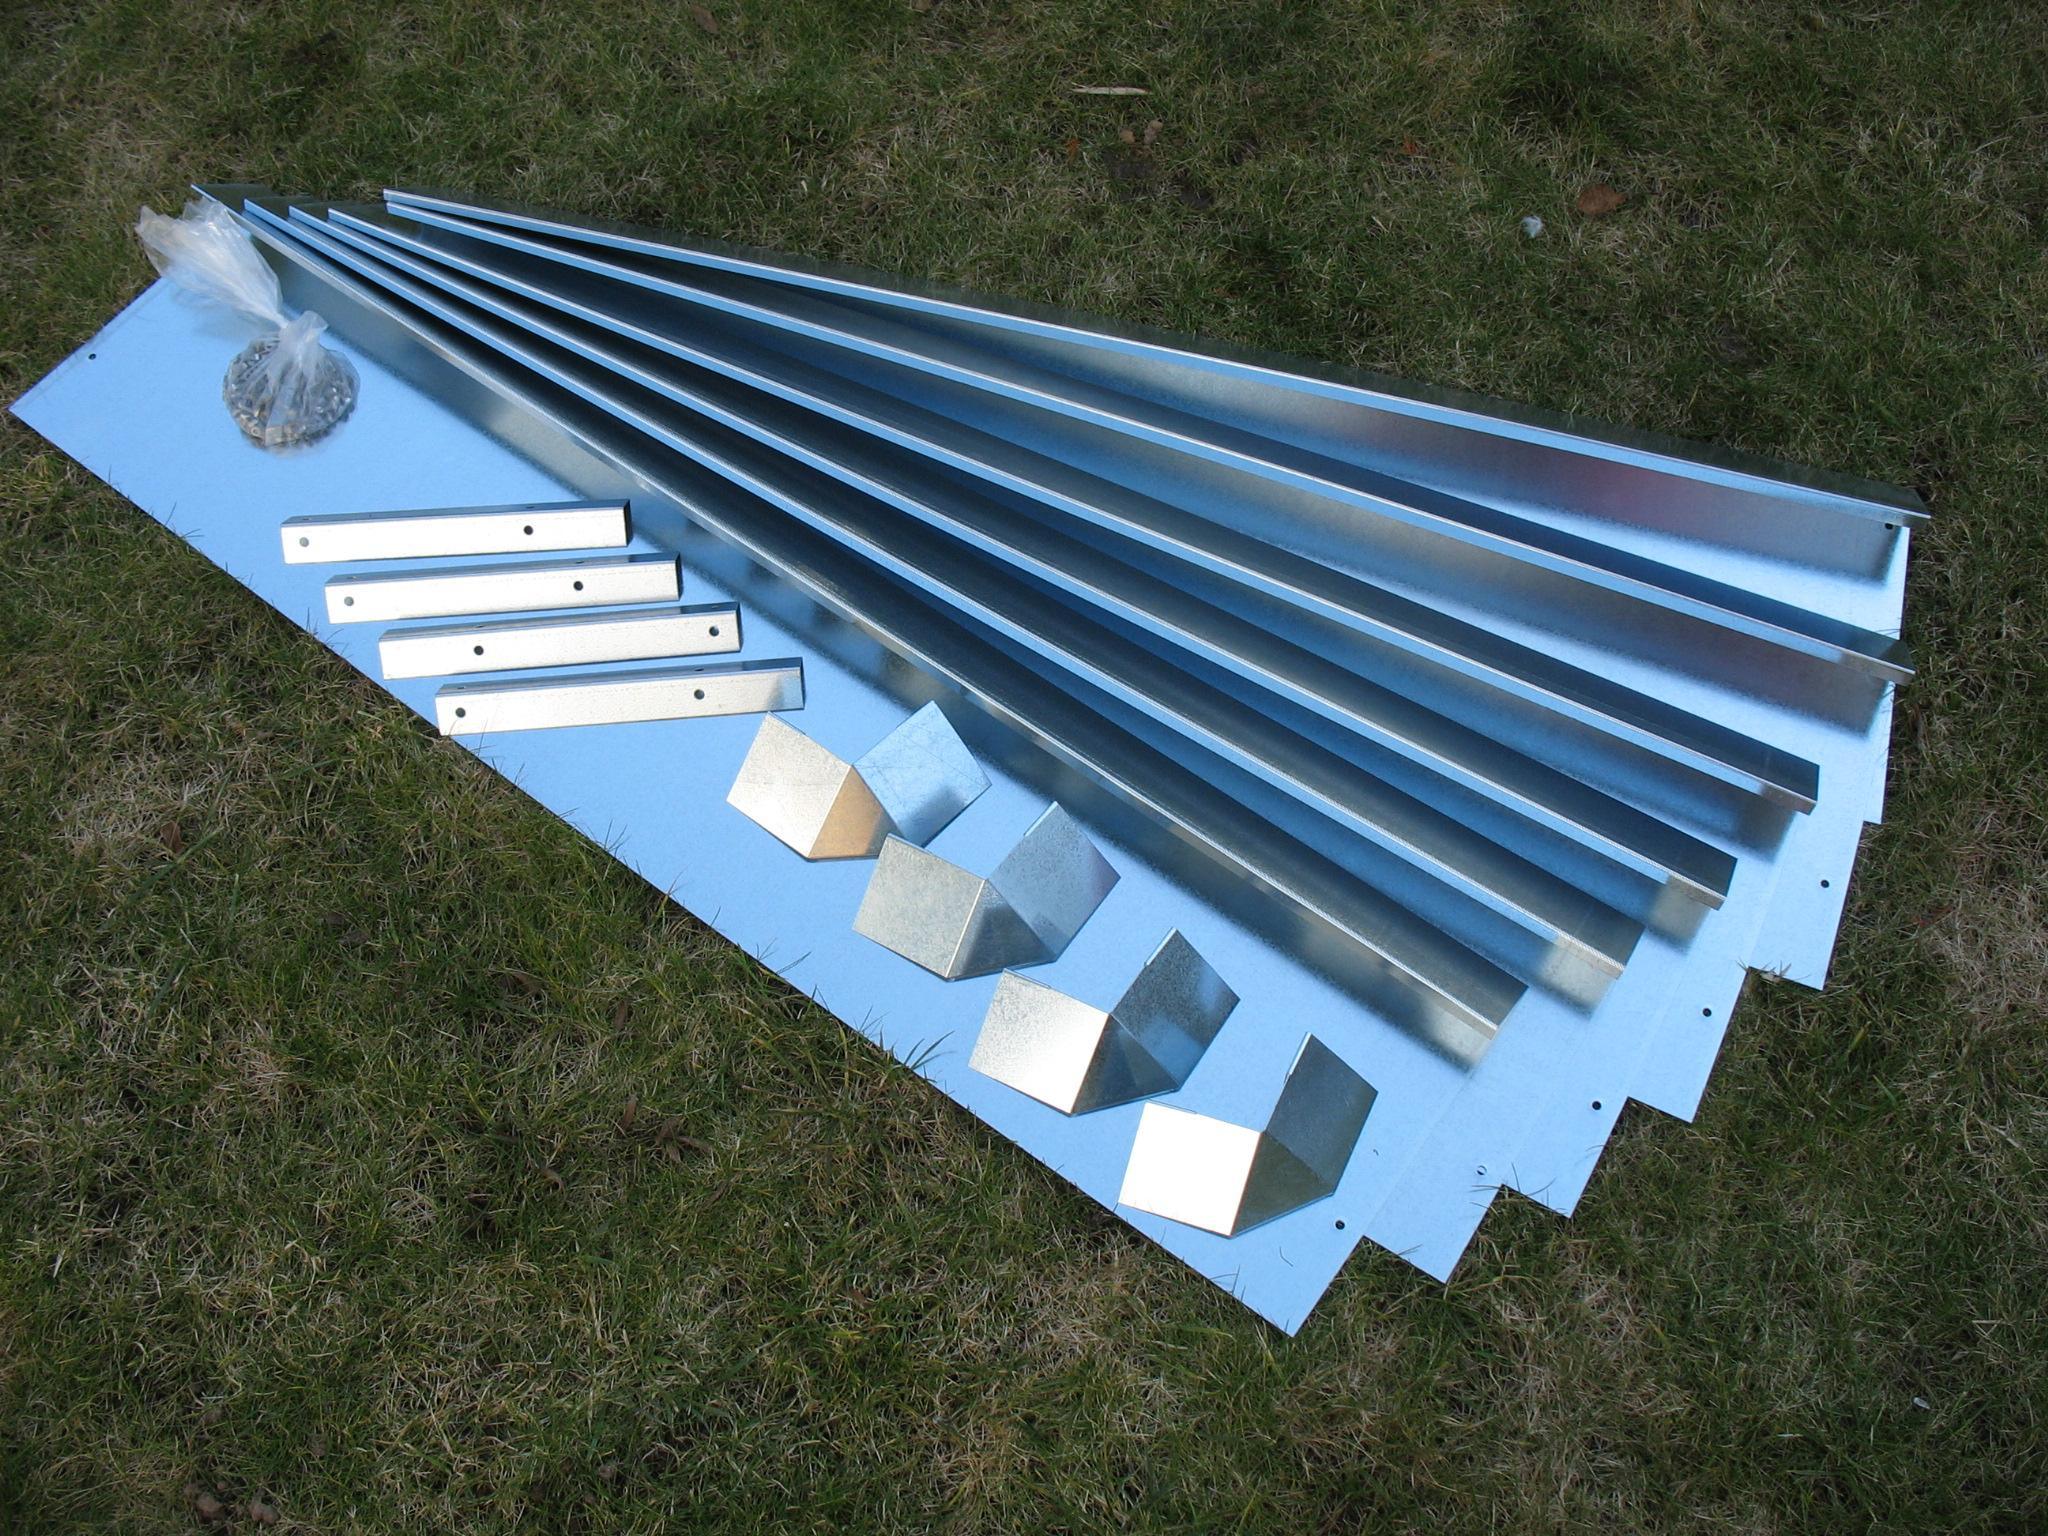 schneckenzaun schutz metall f r beet max 1qm 4 bleche 4. Black Bedroom Furniture Sets. Home Design Ideas